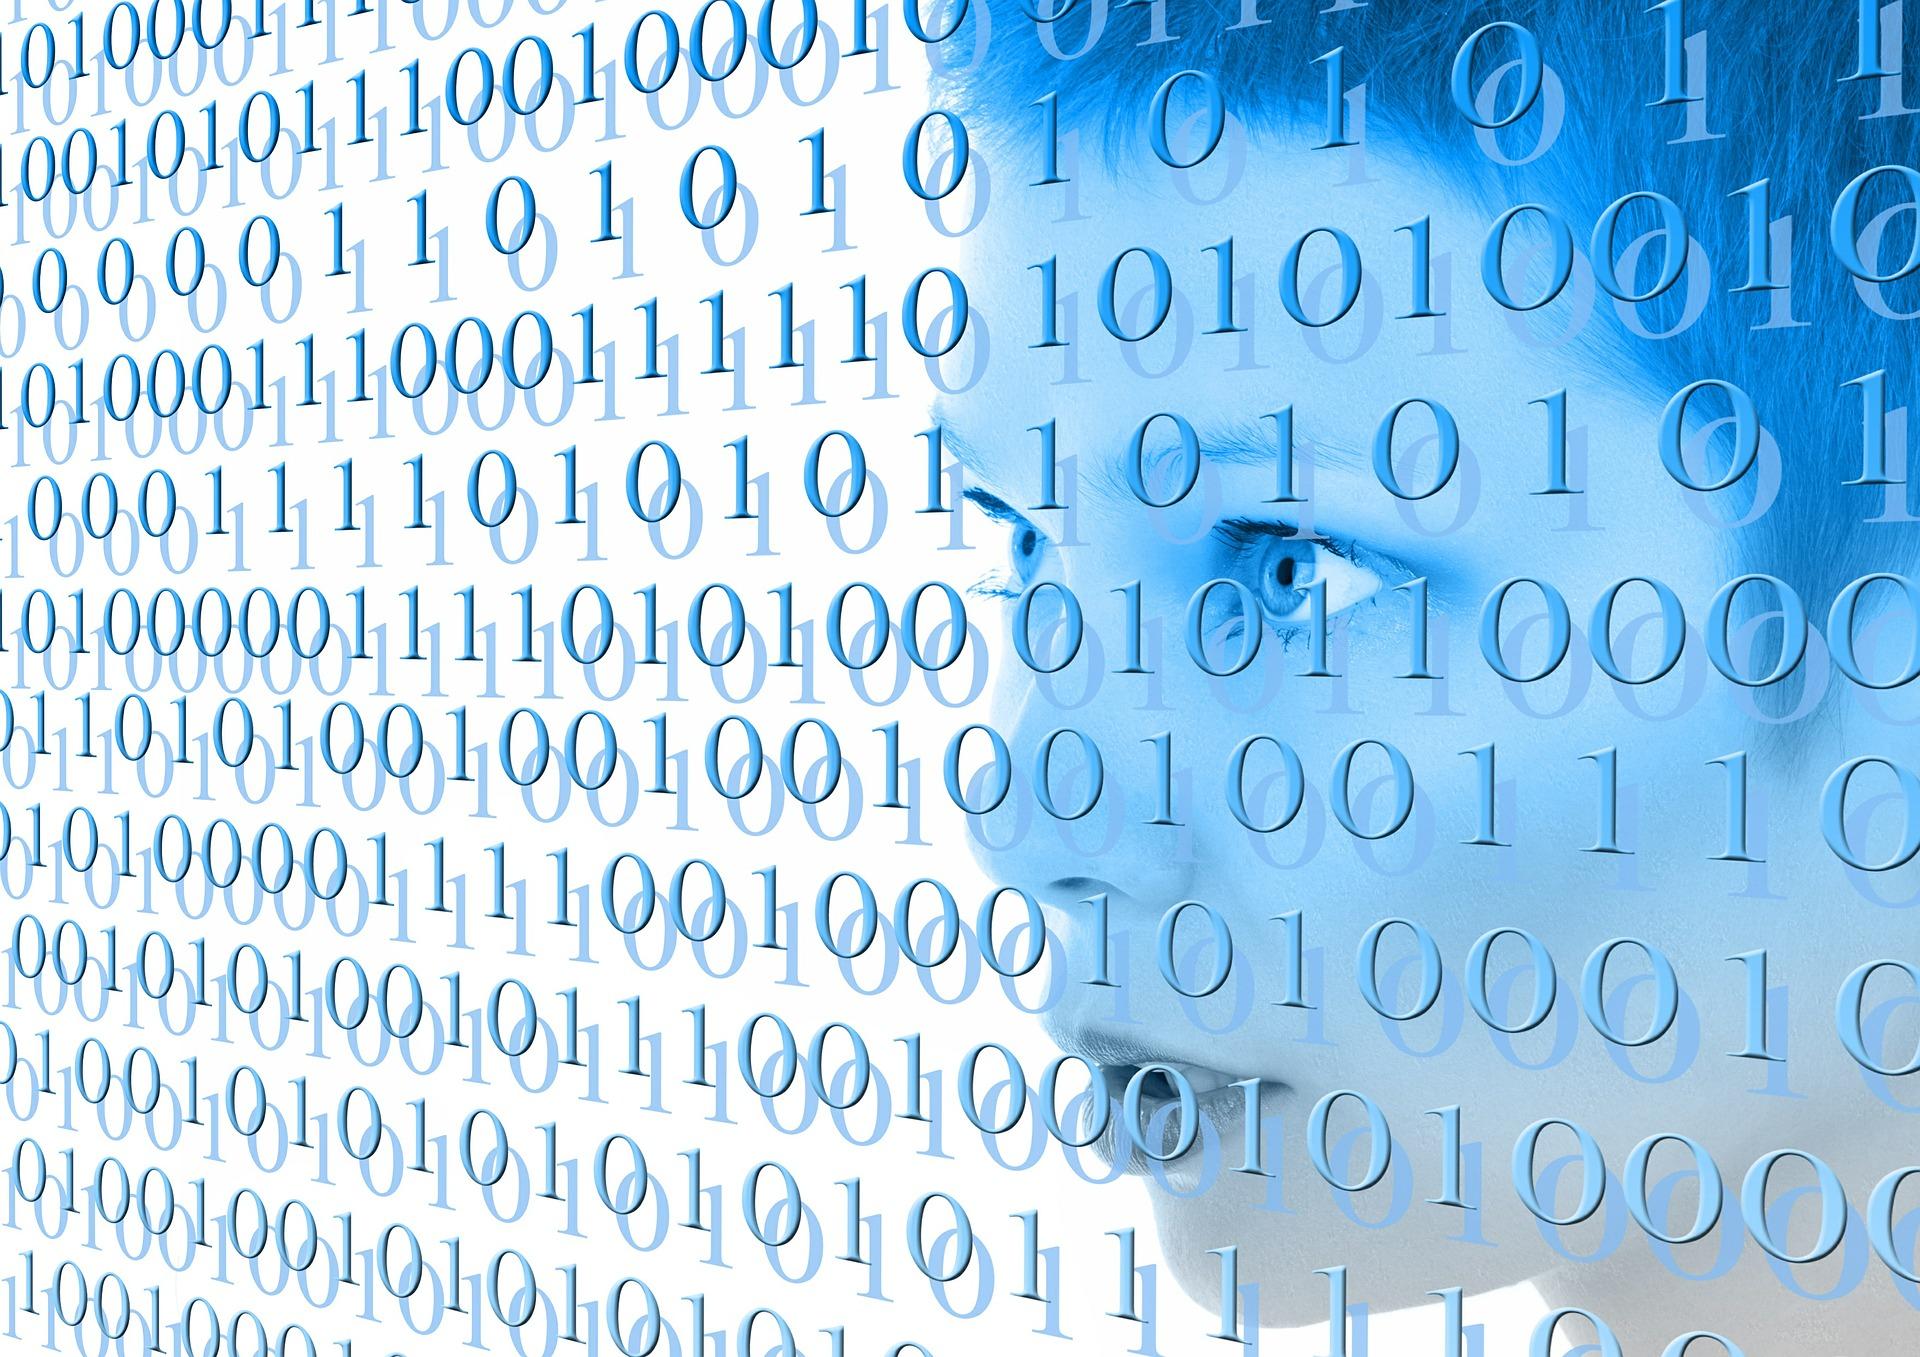 Data Science: вчені запропонували структурований підхід до науки про дані